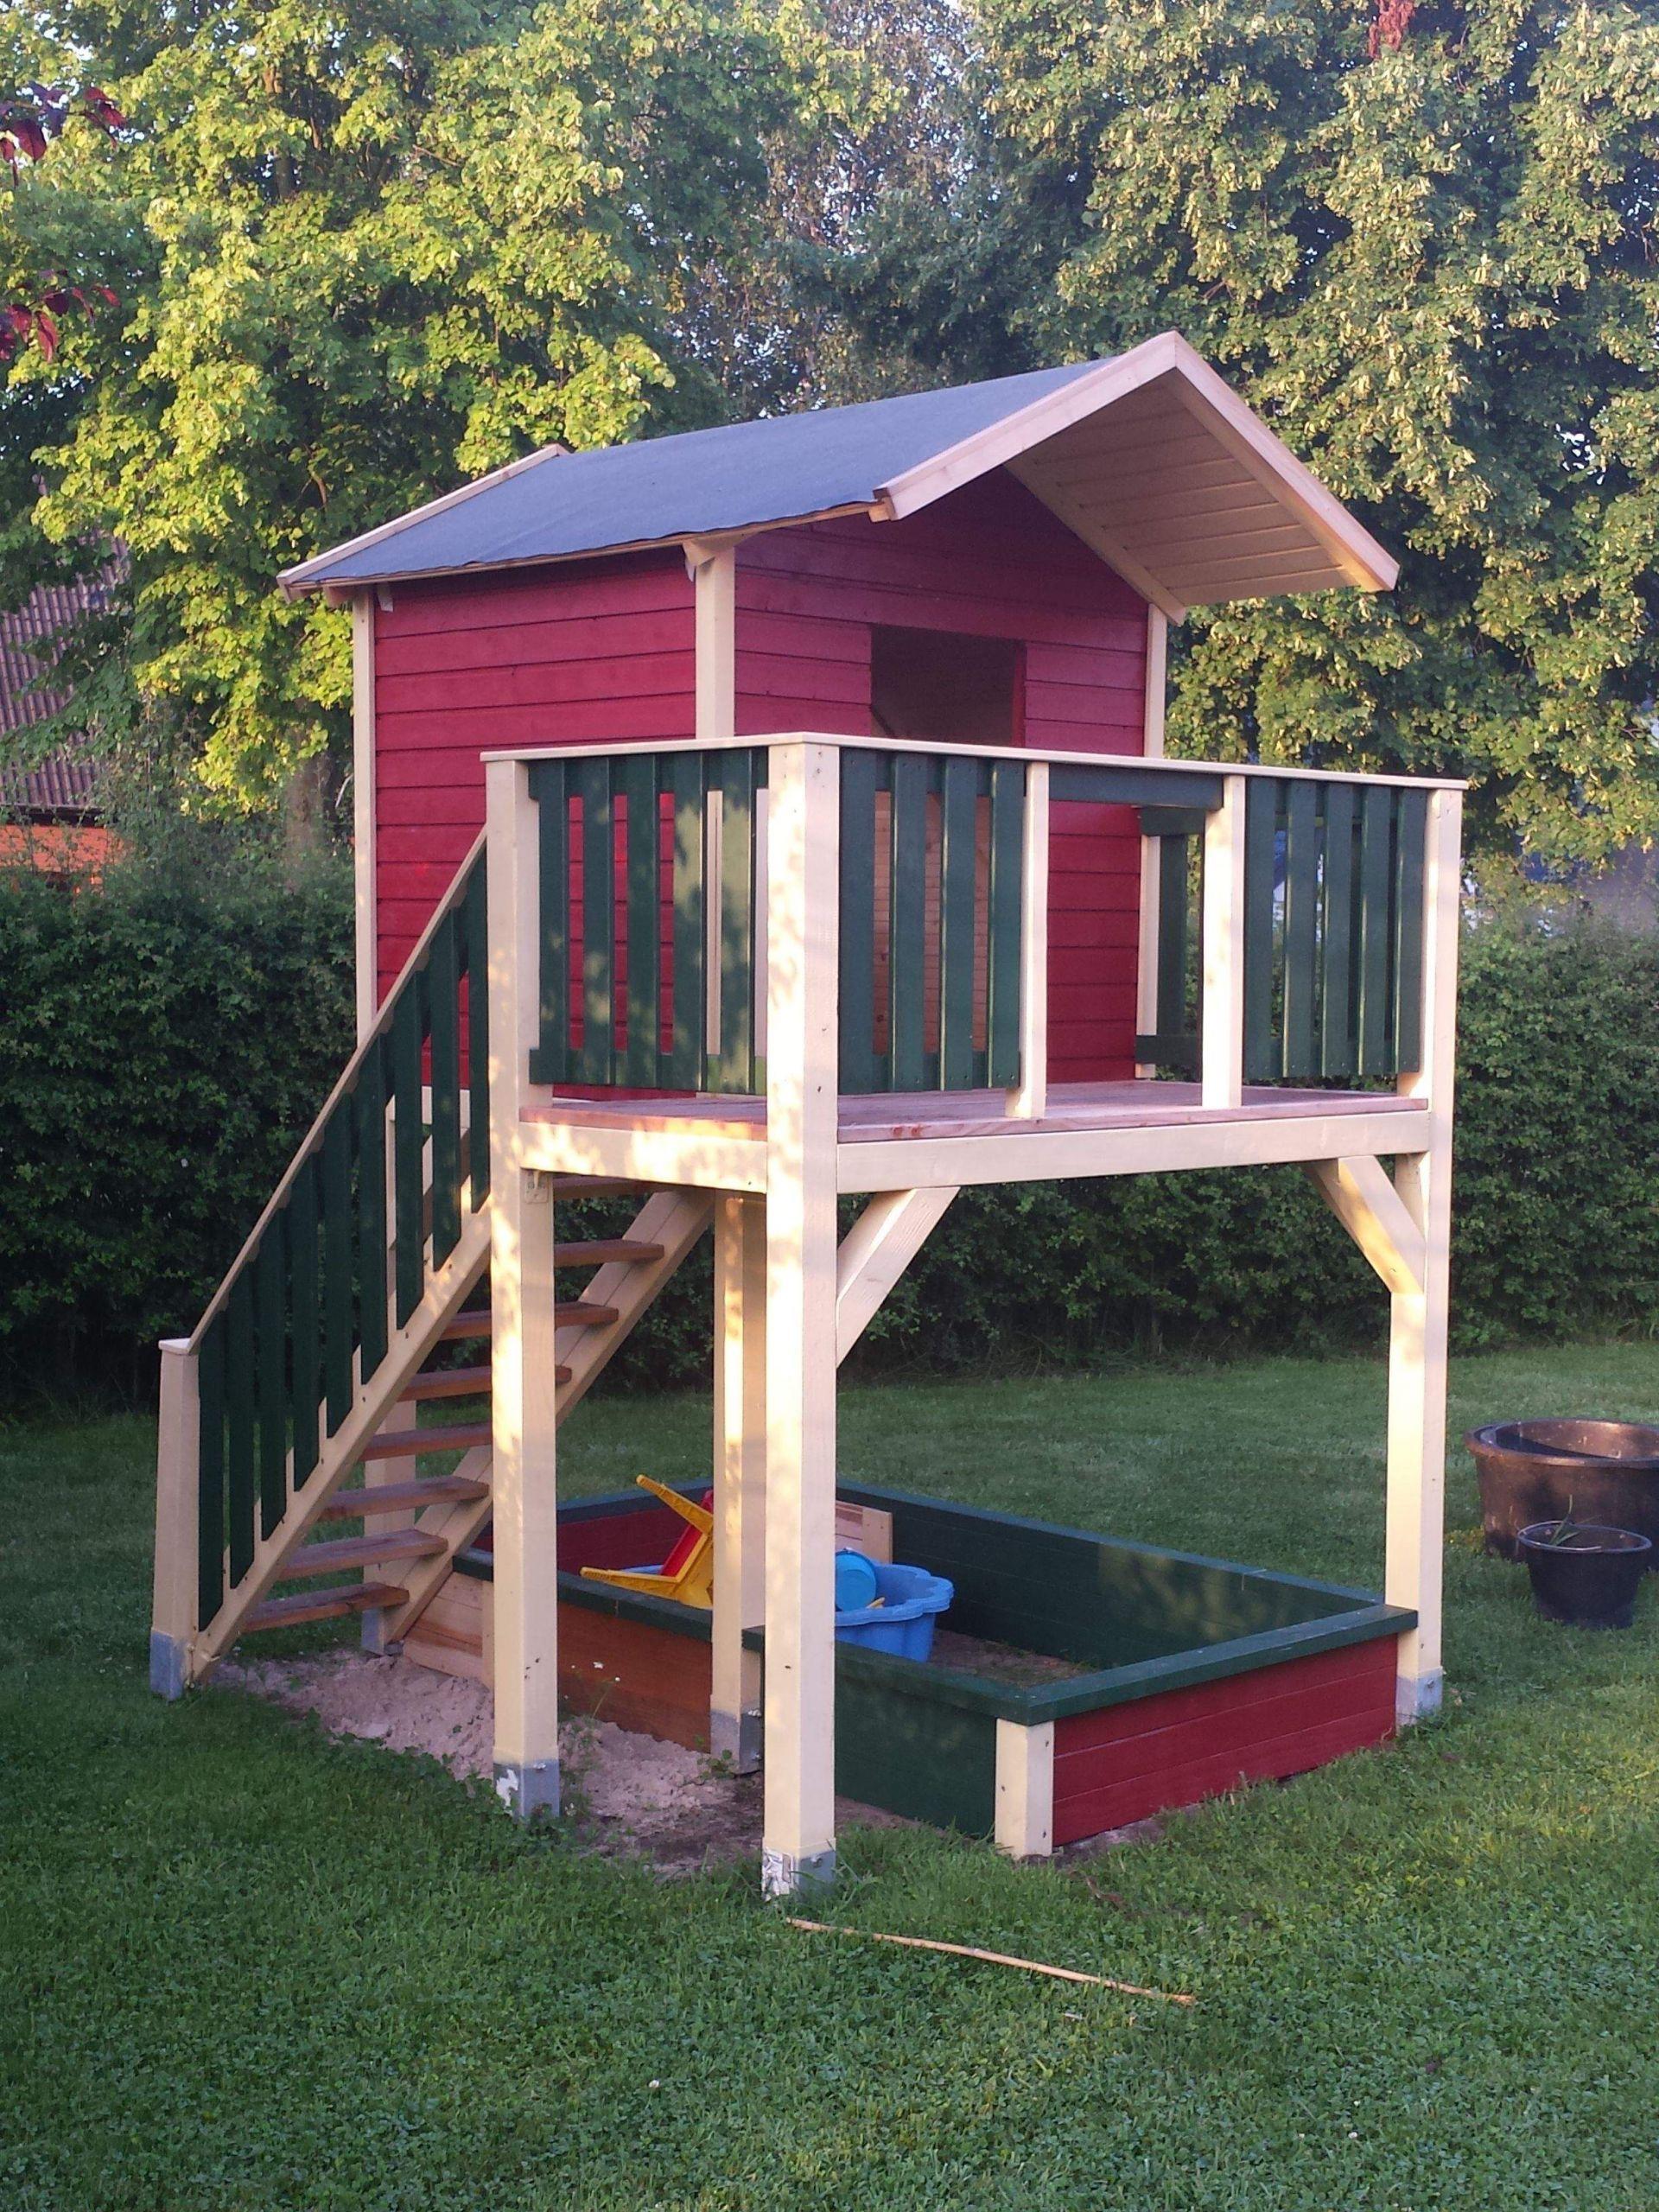 Garten Spielhaus Kinder Inspirierend Spielturm Mit Treppe Bauanleitung Zum Selber Bauen